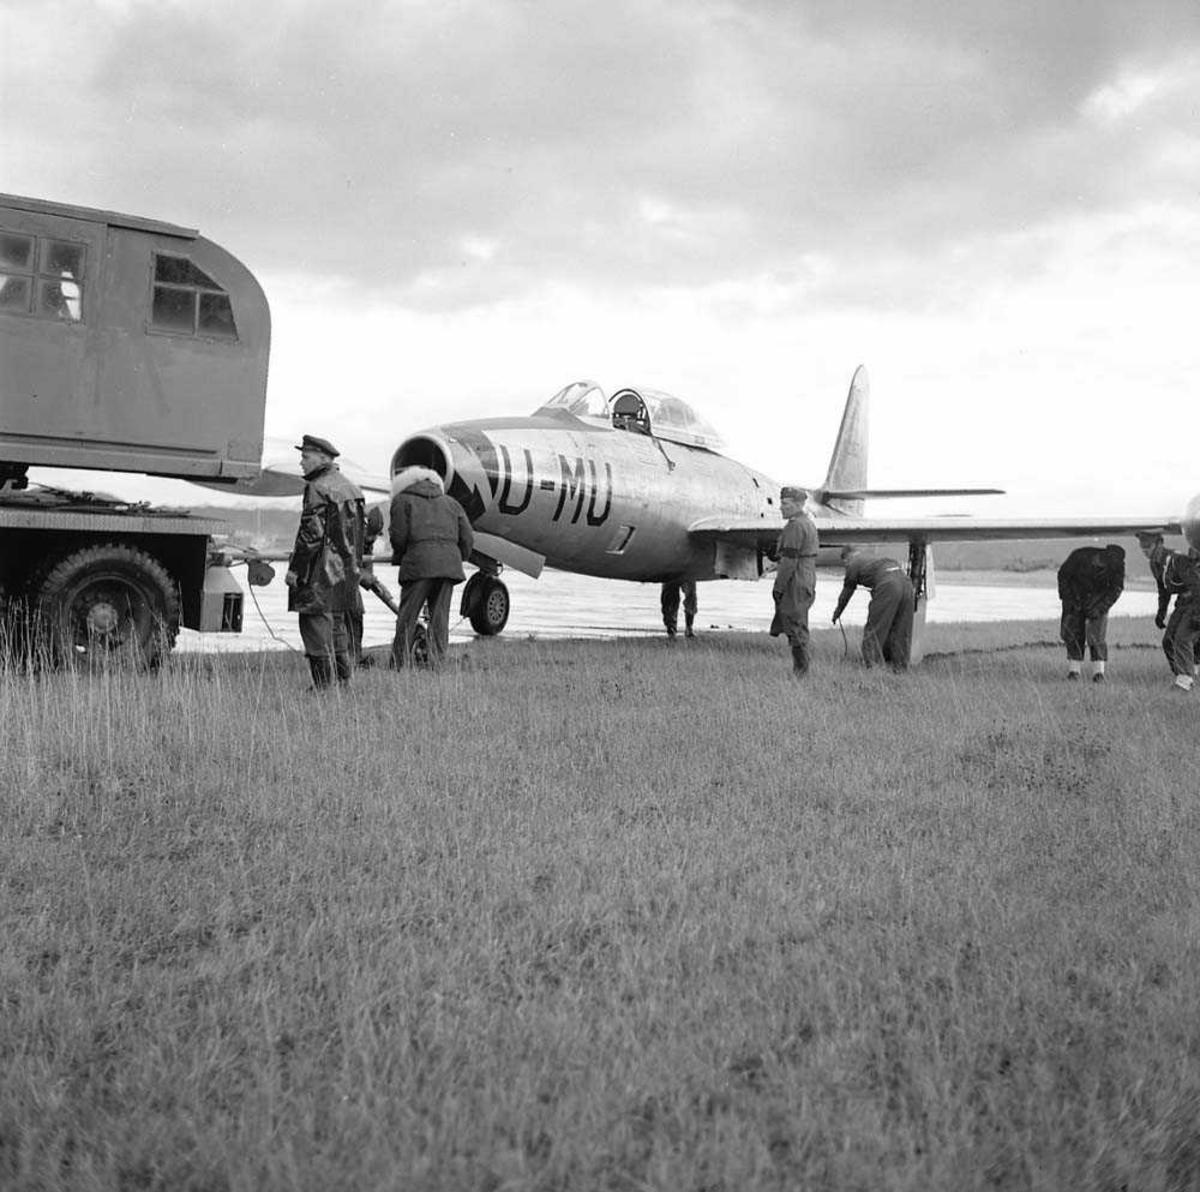 F-84-G, MU-U, utfor flystripen på Bodø flystasjon.